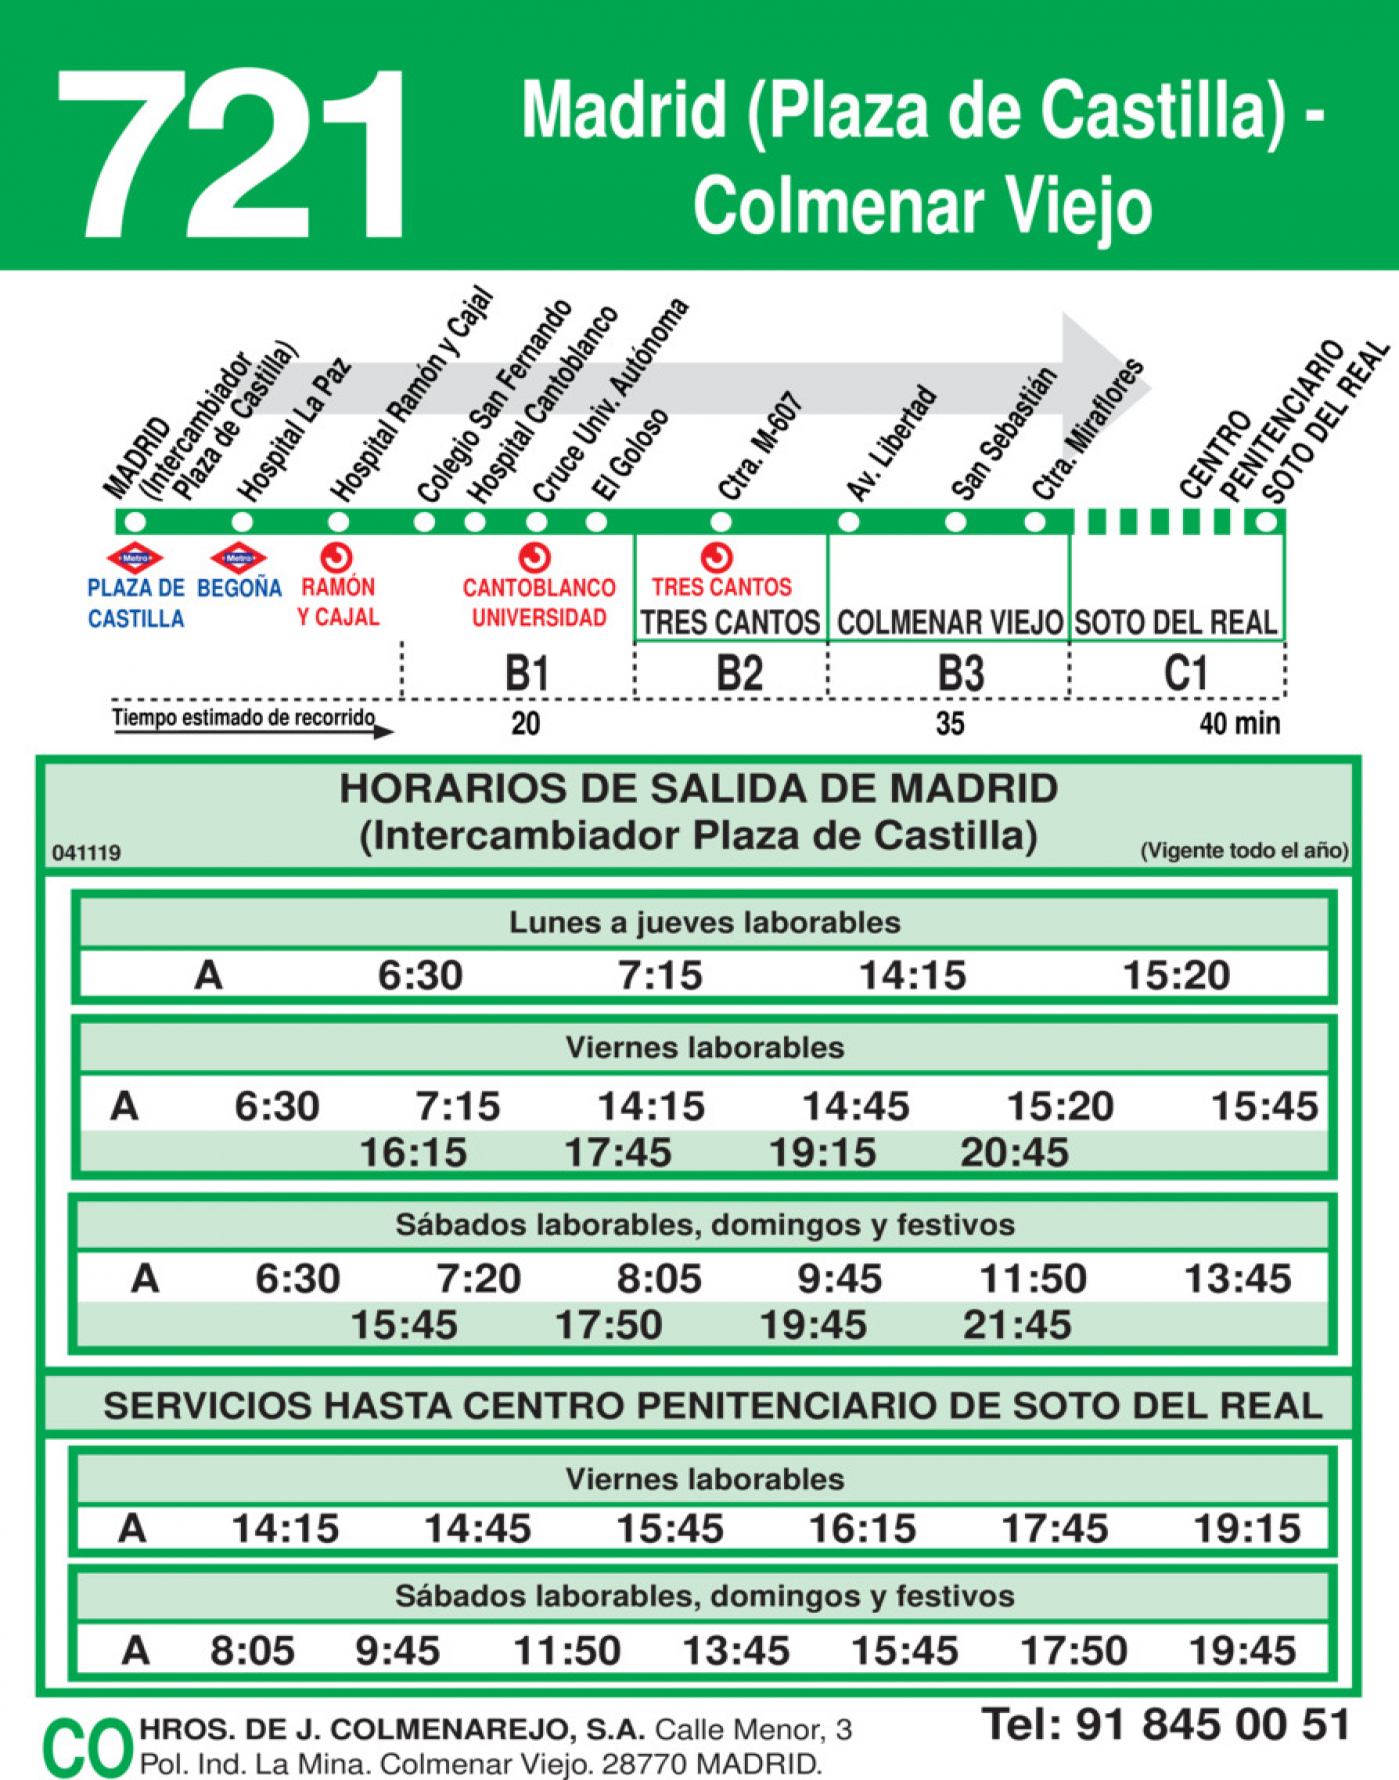 Tabla de horarios y frecuencias de paso en sentido ida Línea 721: Madrid (Plaza Castilla) - Colmenar Viejo